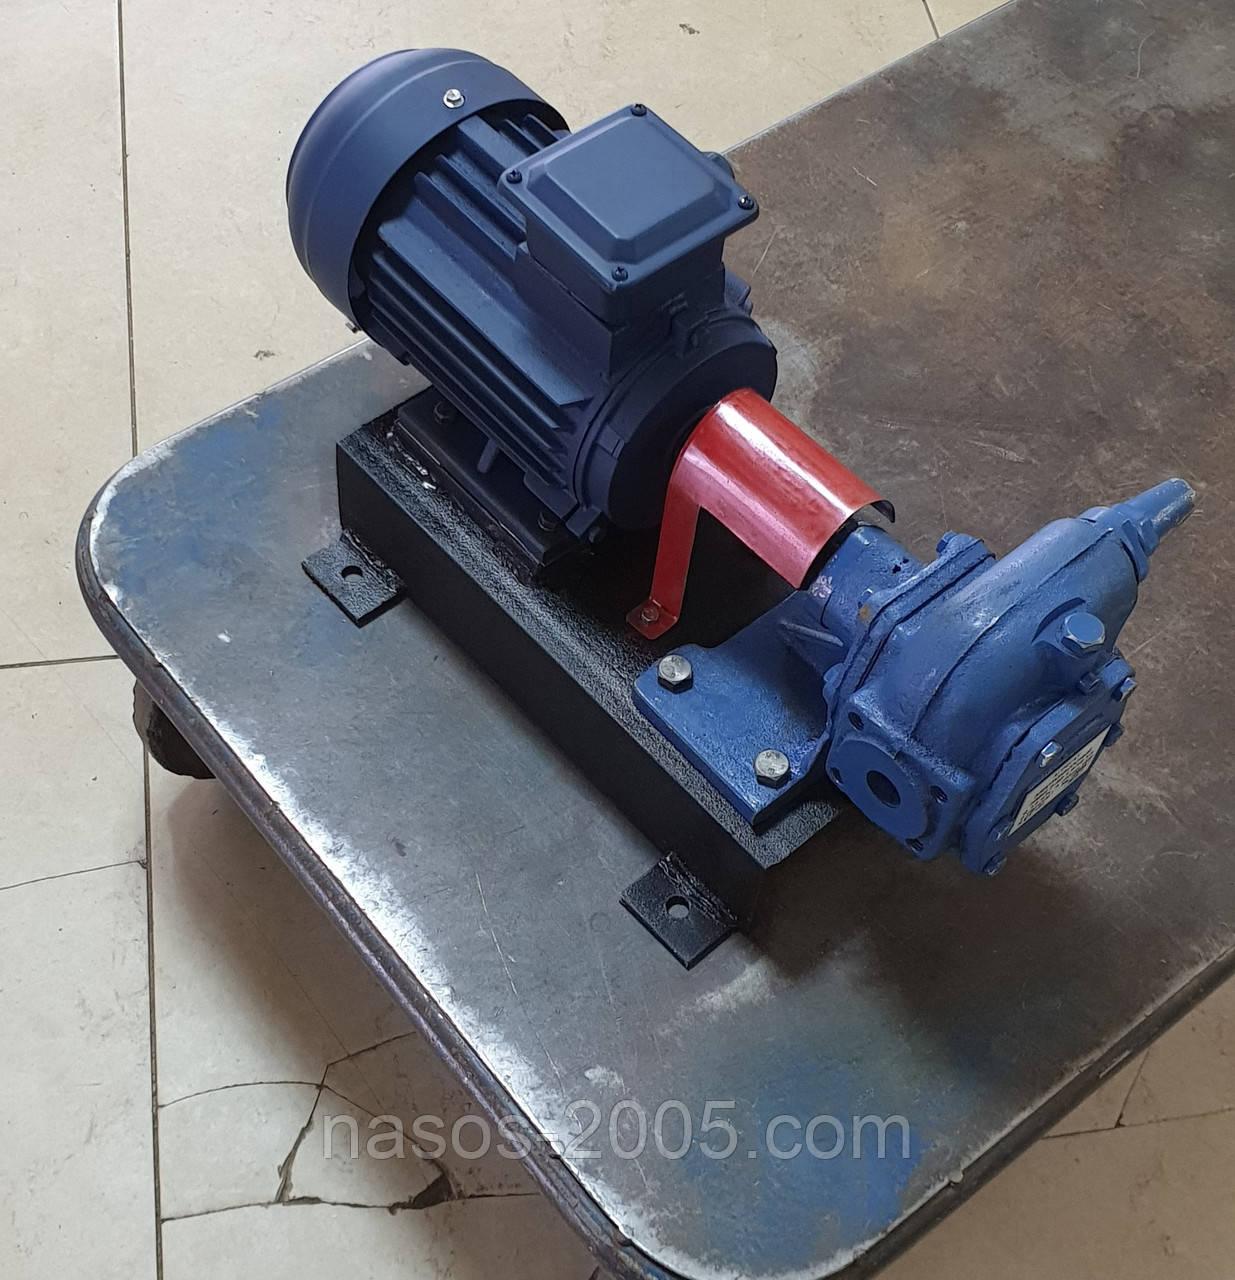 Насос НМШ 32-10-18/10Б шестеренный насос НМШ32-10-18/10Б для масла